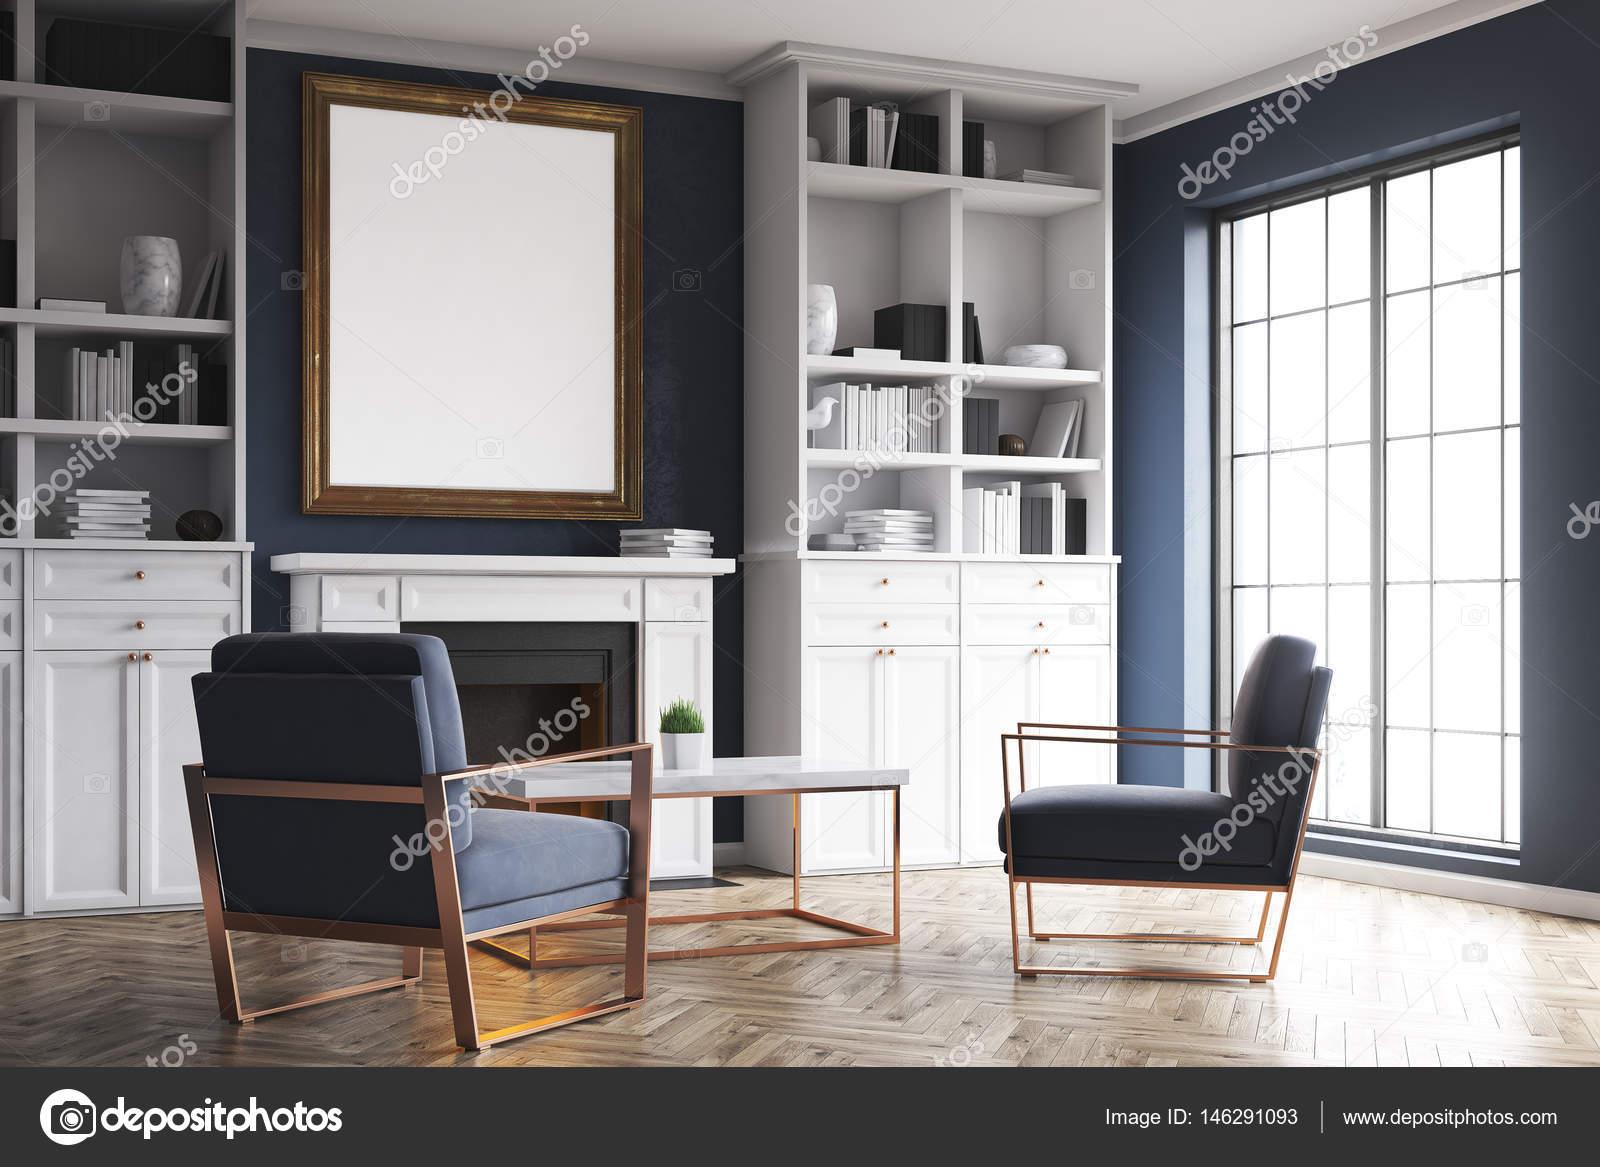 Ecke Innenministerium Ein Wohnzimmer Mit Kamin Und Zwei Blaue Sessel. Es  Gibt Zwei Bücherregalen Und Einem Vertikalen Poster. 3D Rendering.